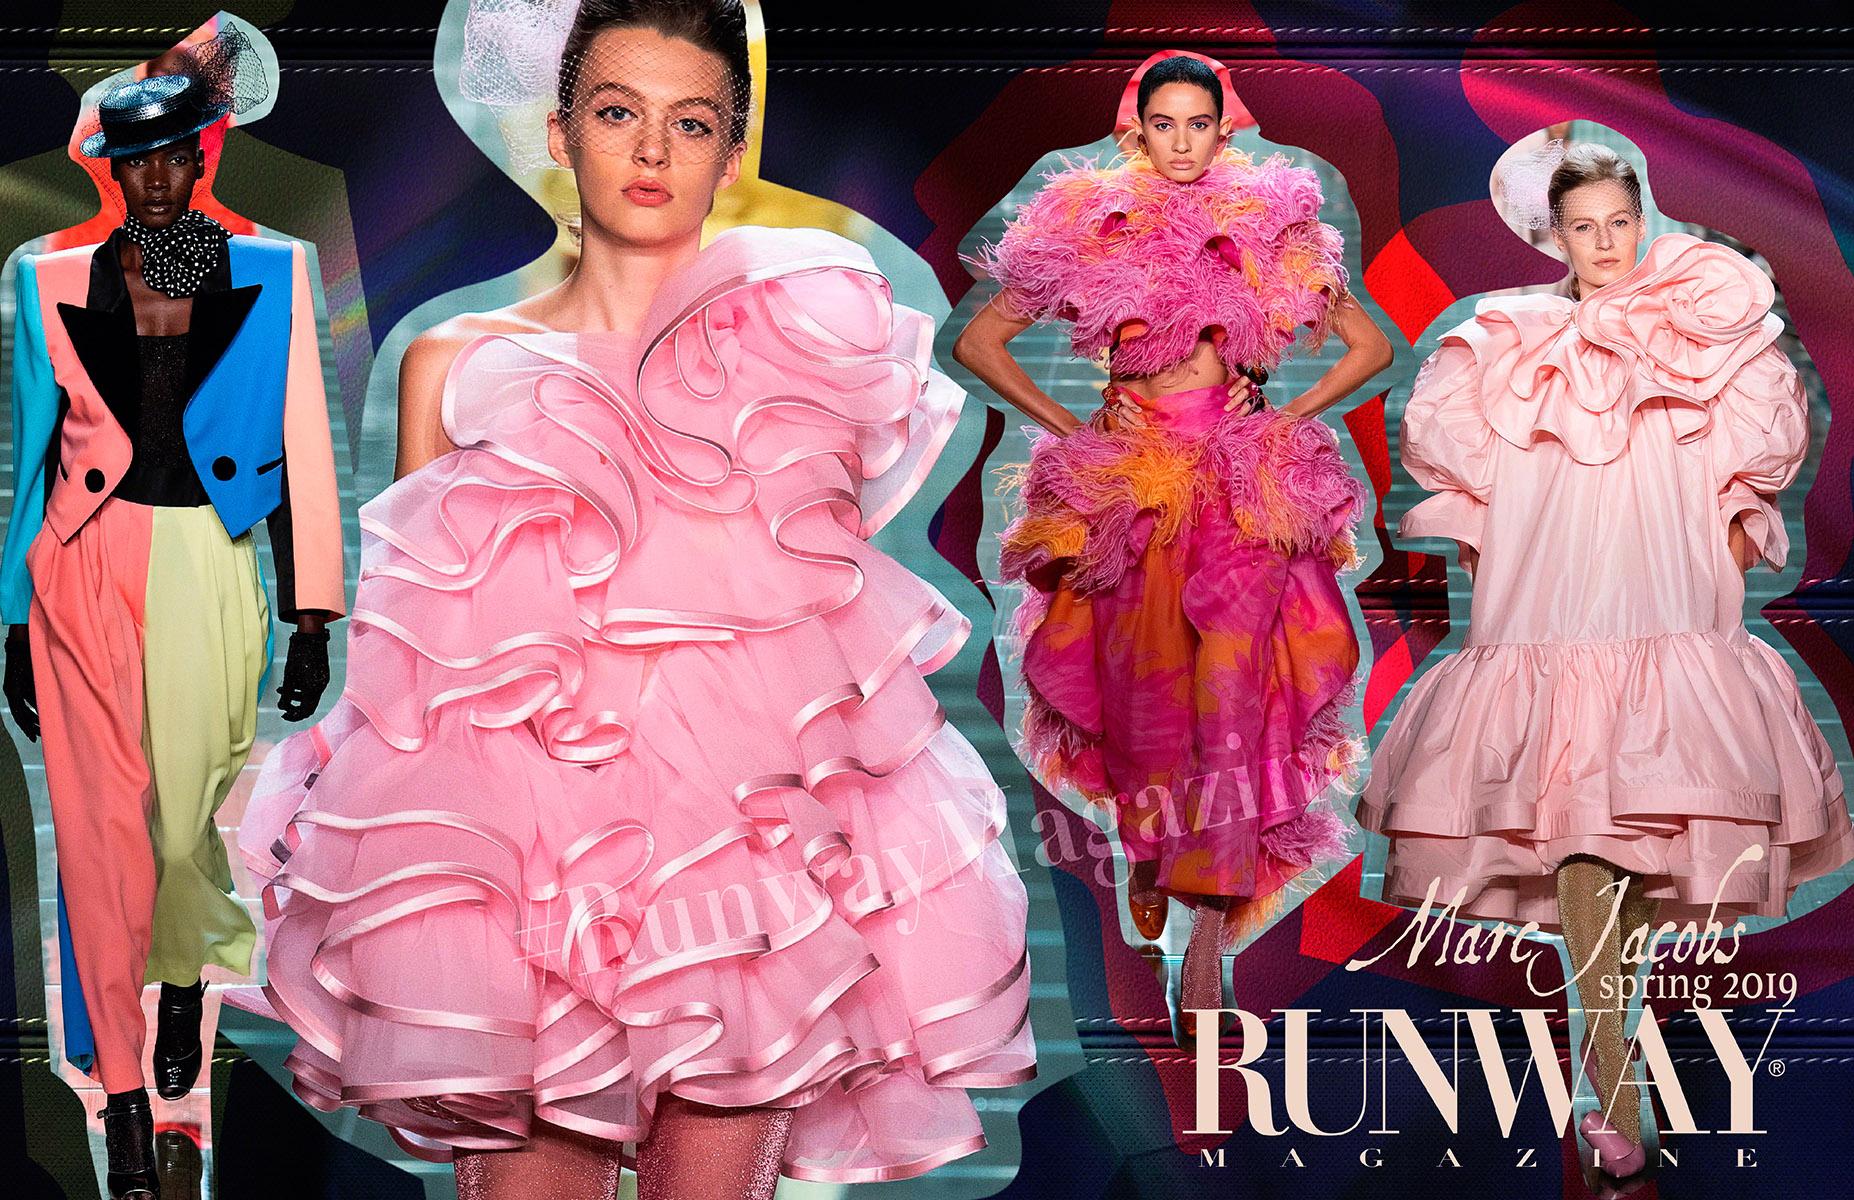 Marc Jacobs,TENDANCES DE COULEURS, Guillaumette Duplaix, Runway Magazine